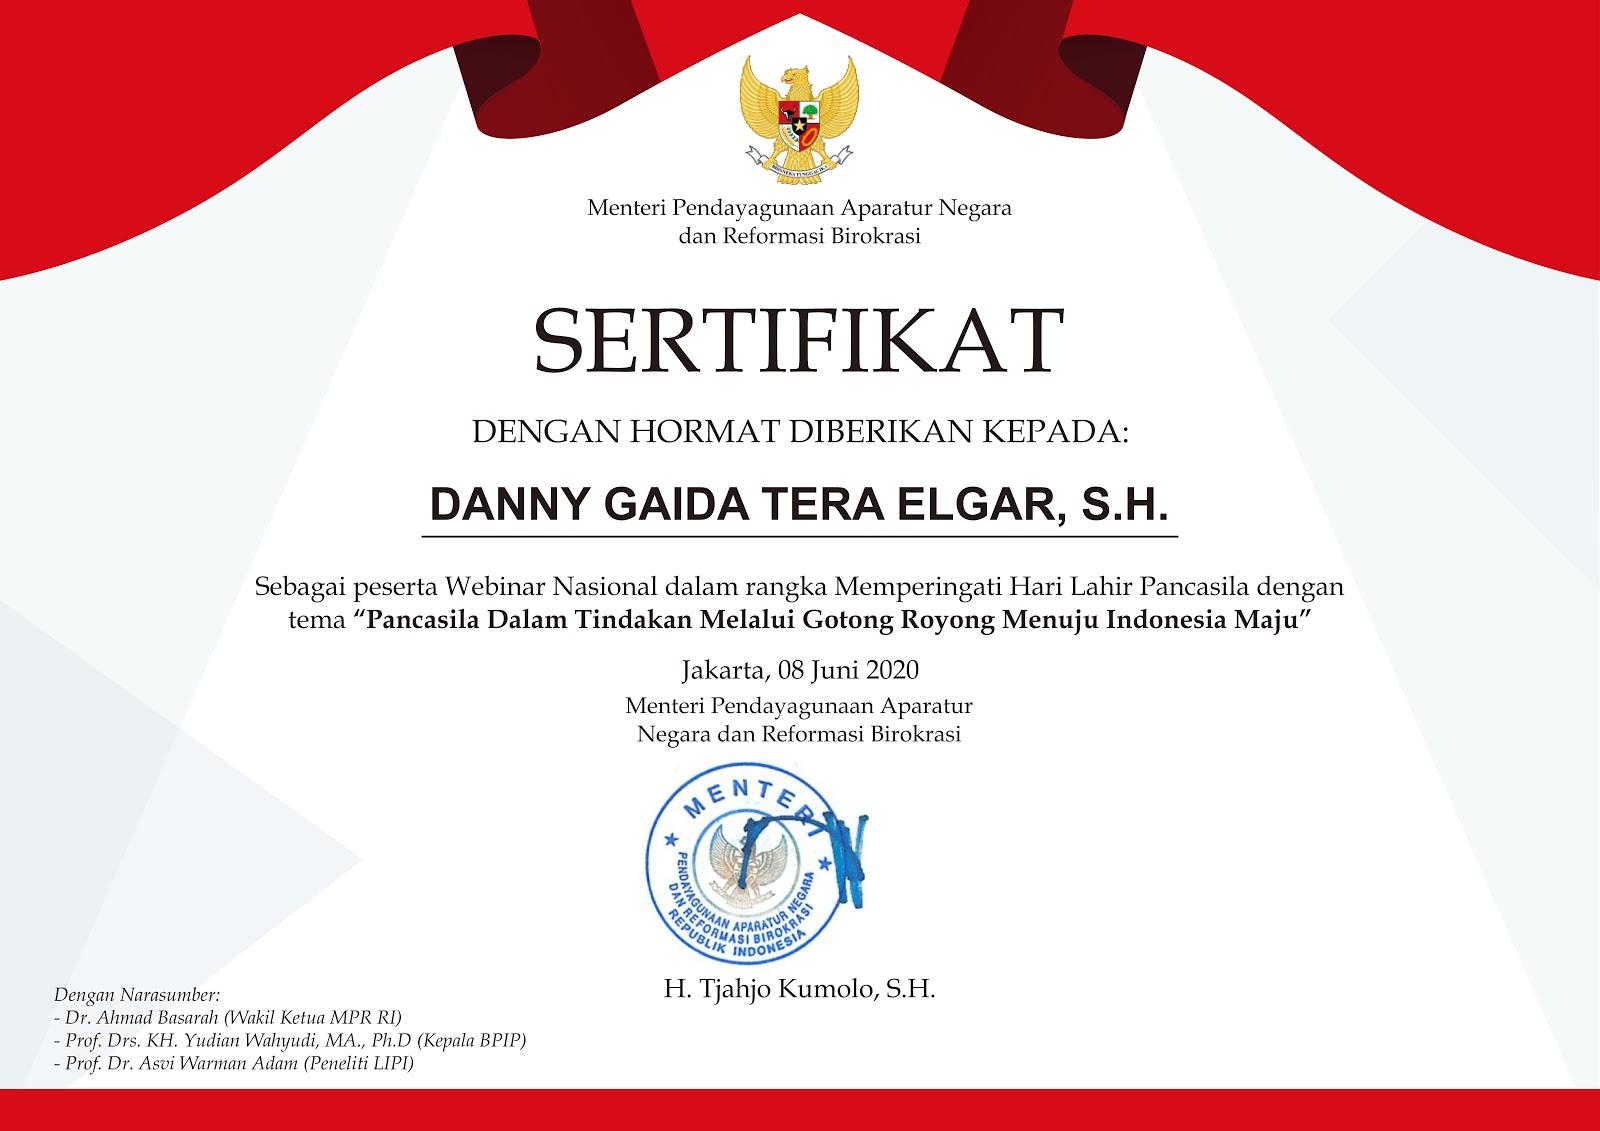 Sertifikat Menteri Pendayagunaan Aparatur Negara dan Reformasi Birokrasi (Menteri PANRB) 8 Juni 2020